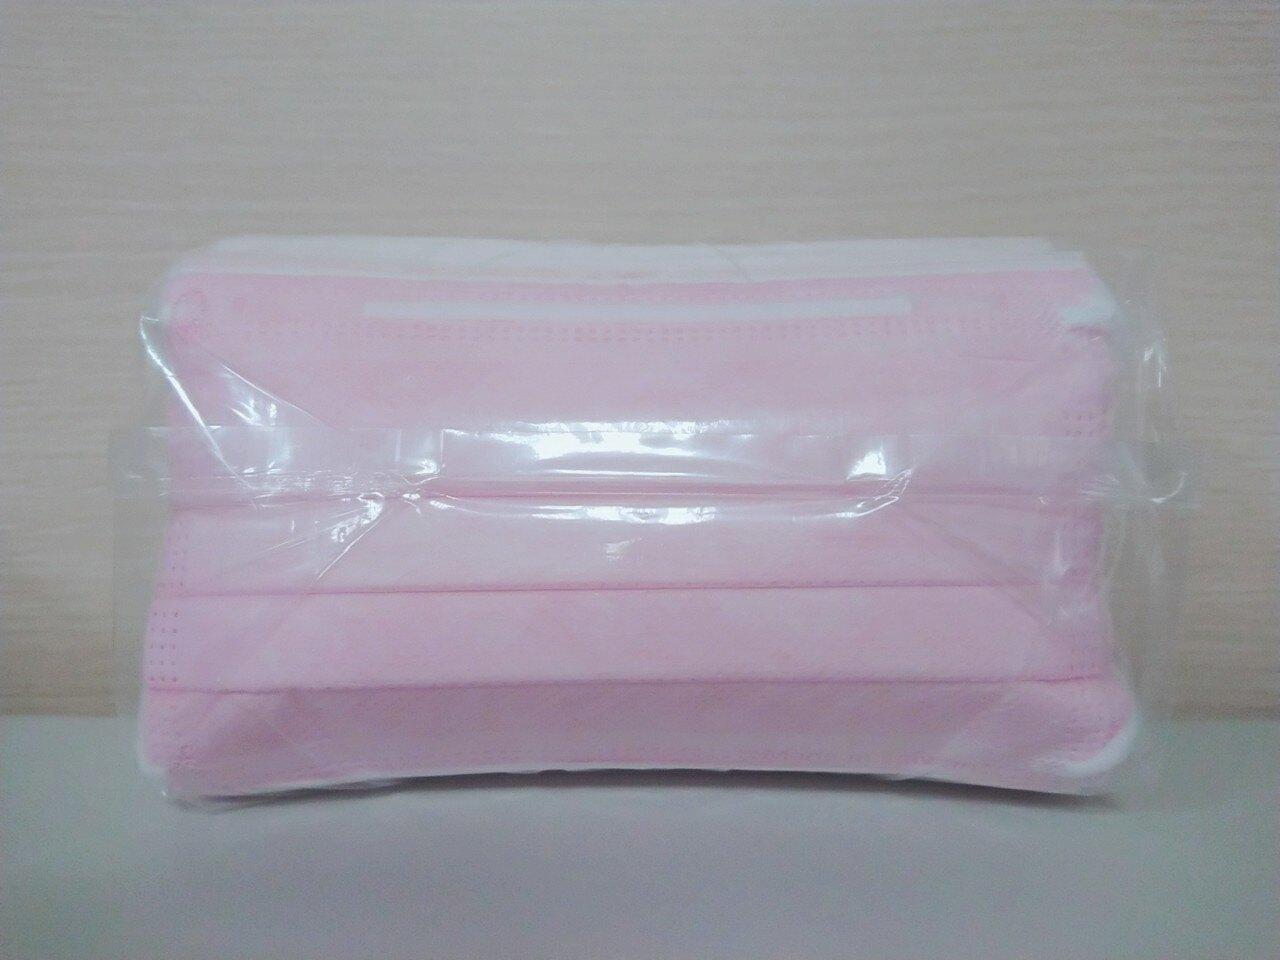 台灣製 優之風 兒童口罩 口罩 一盒50入 自然風 兒童 防塵 防護 一般口罩 透氣 FACEMASK 【MK004】